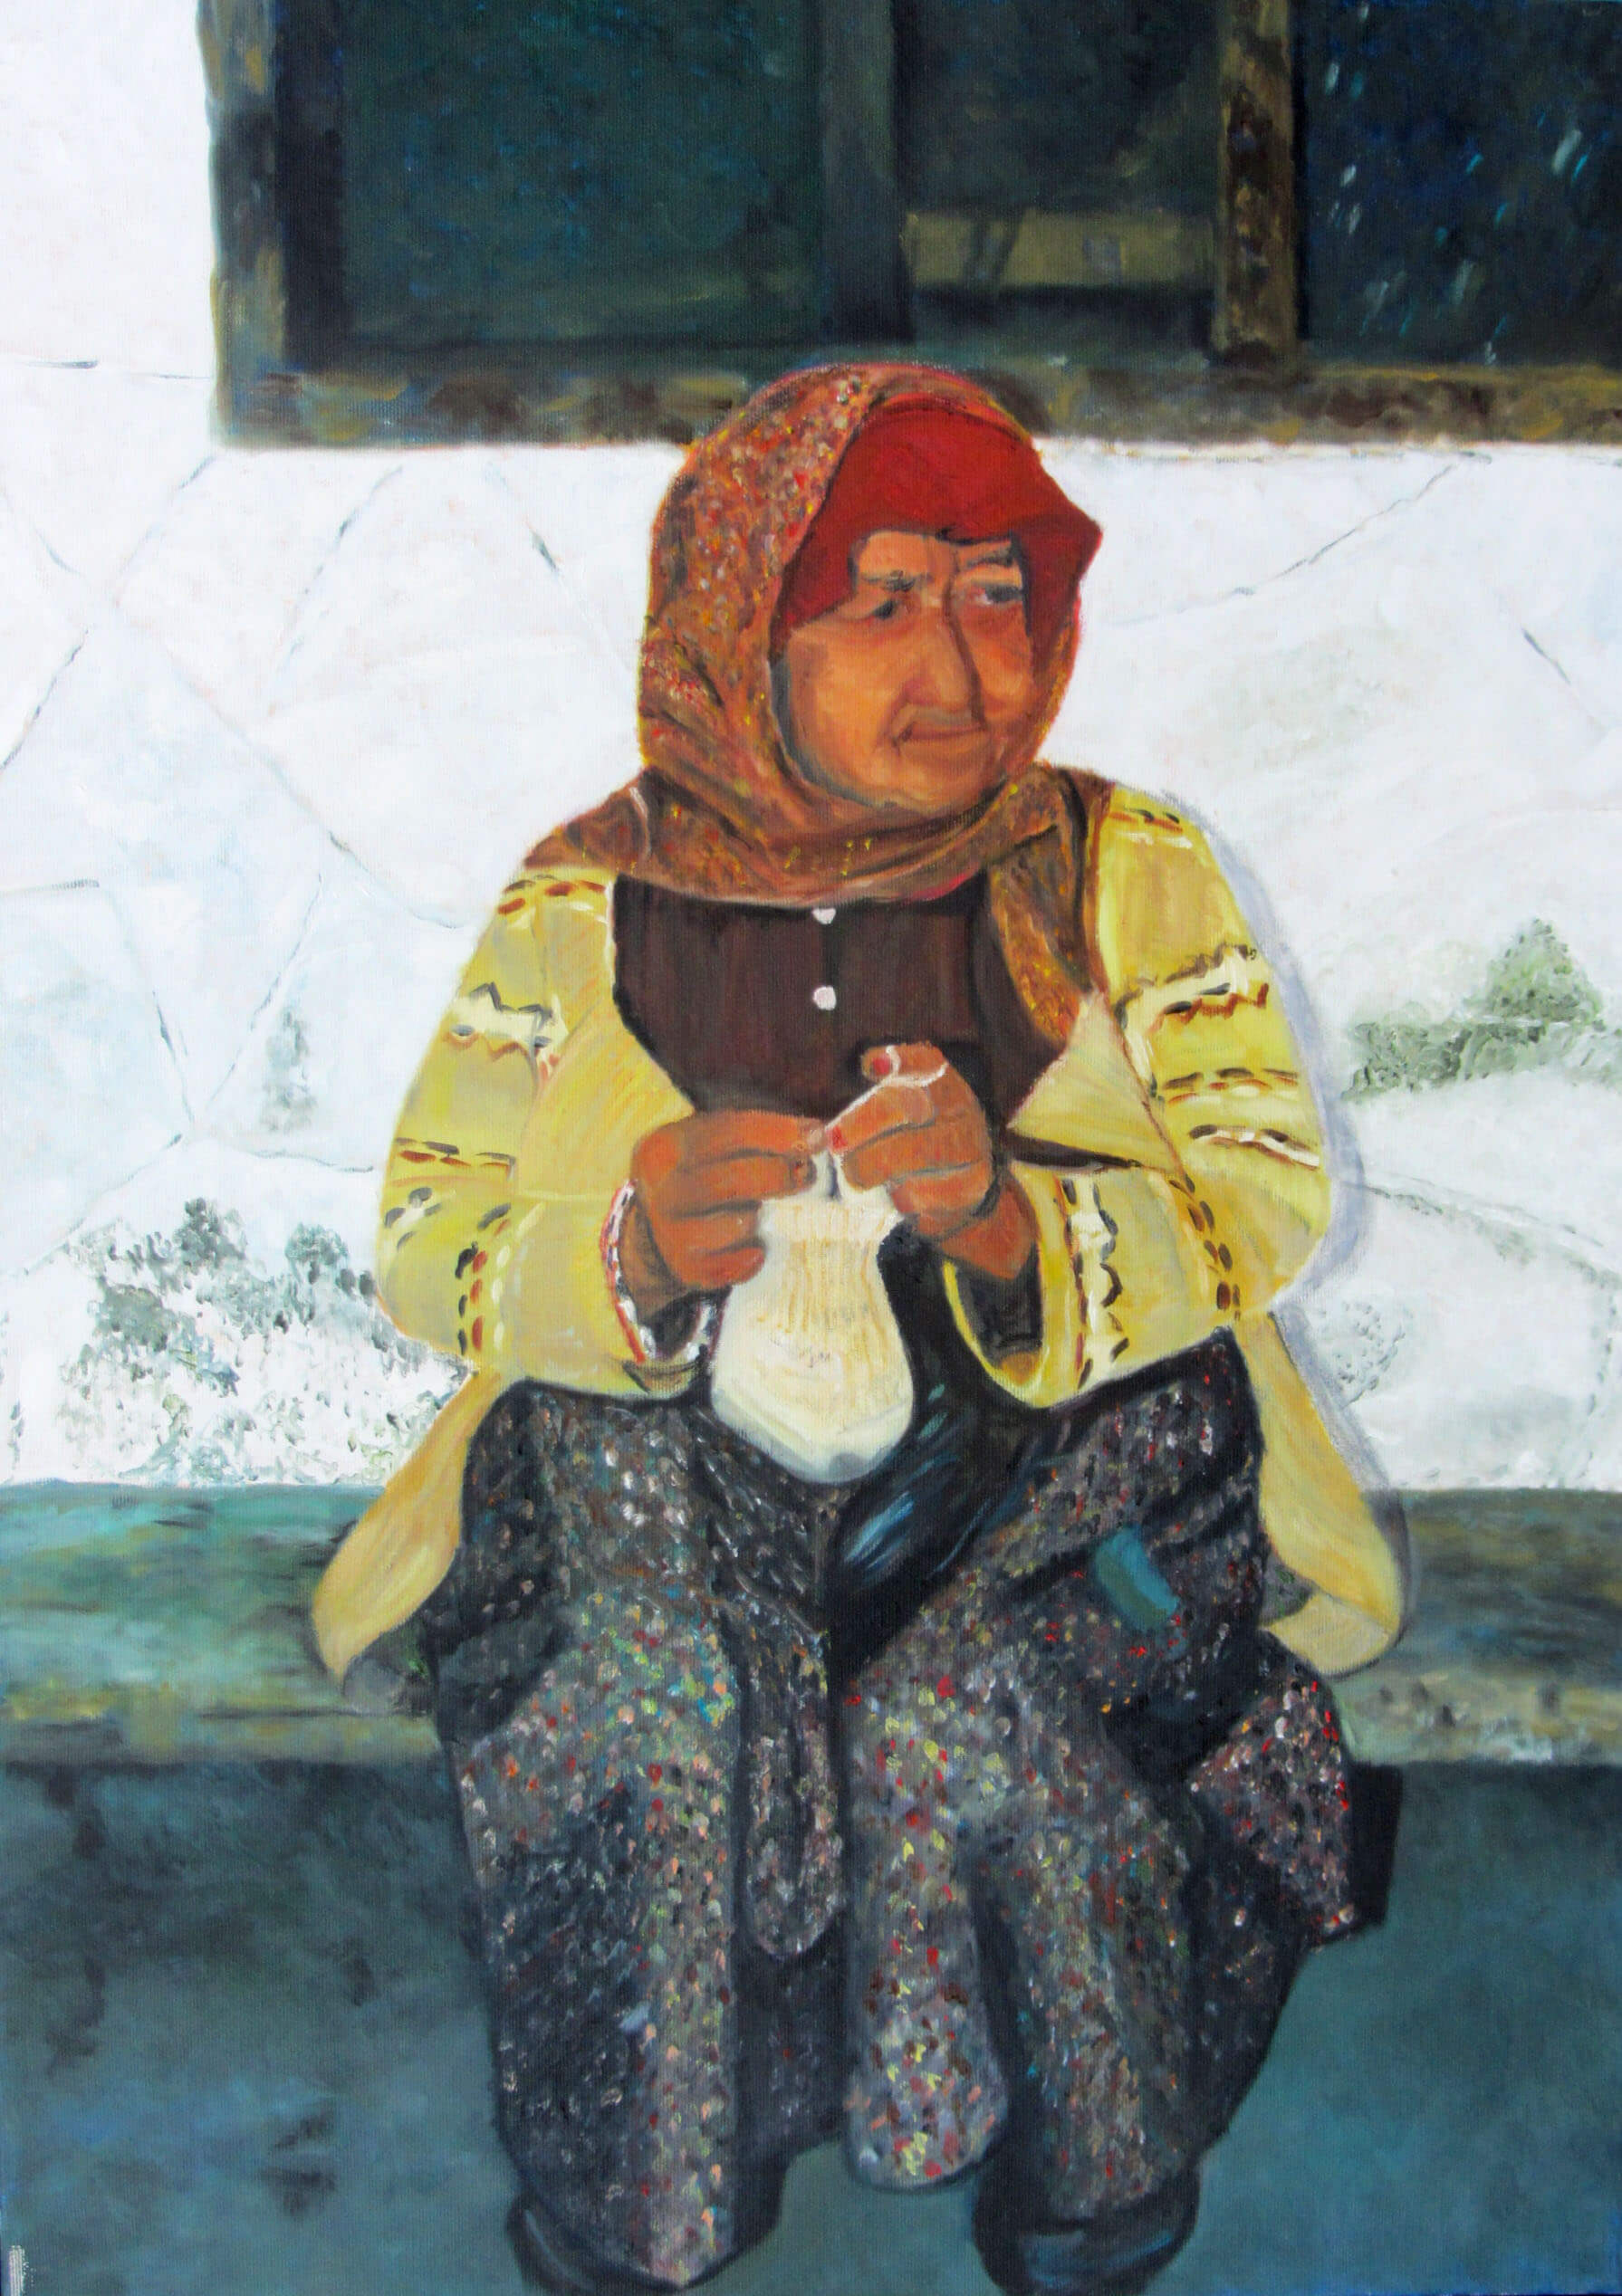 סדנאות ציור - חוג ציור ורישום בסטודיו של חגית שחל